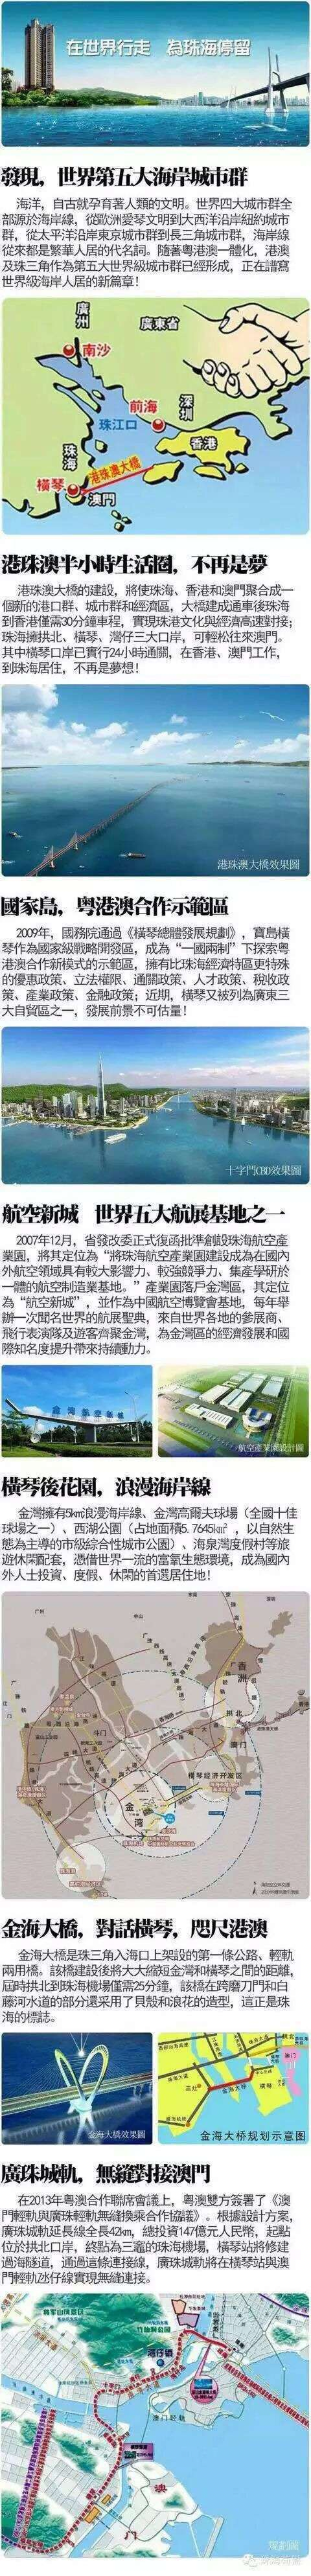 天慶·晉海岸 profile 2